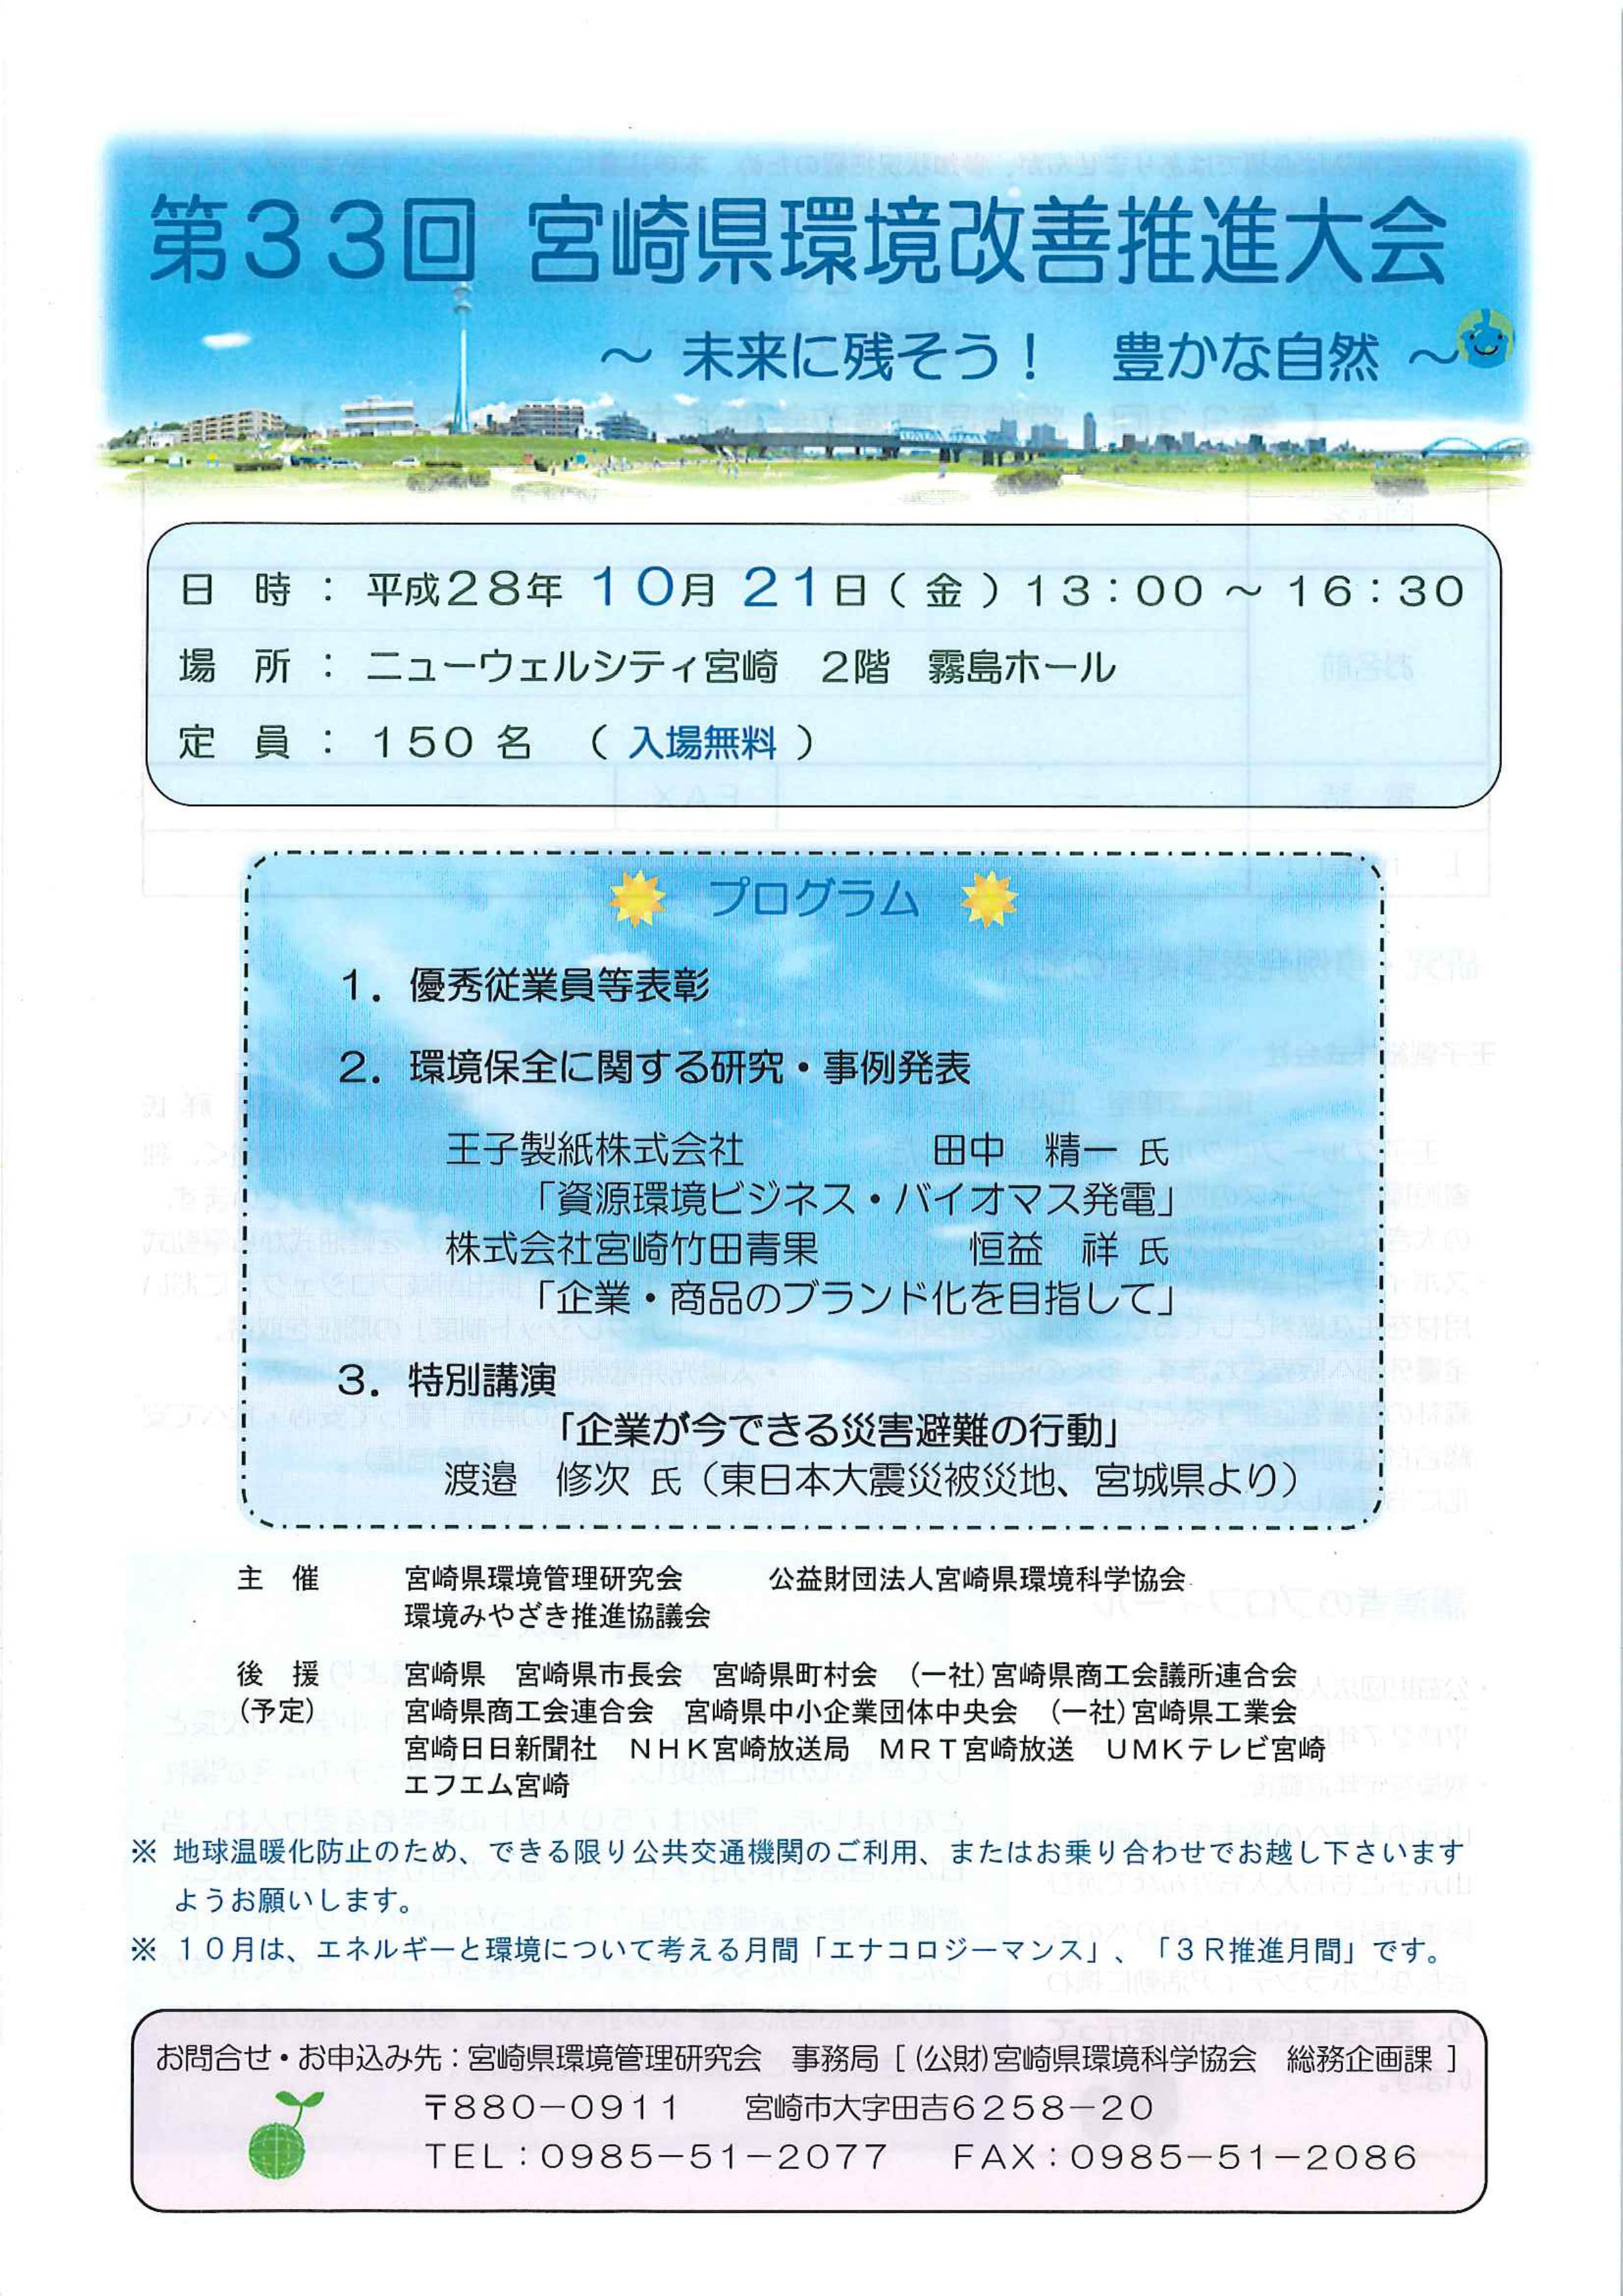 第33回宮崎県環境改善推進大会~未来に残そう! 豊かな自然~